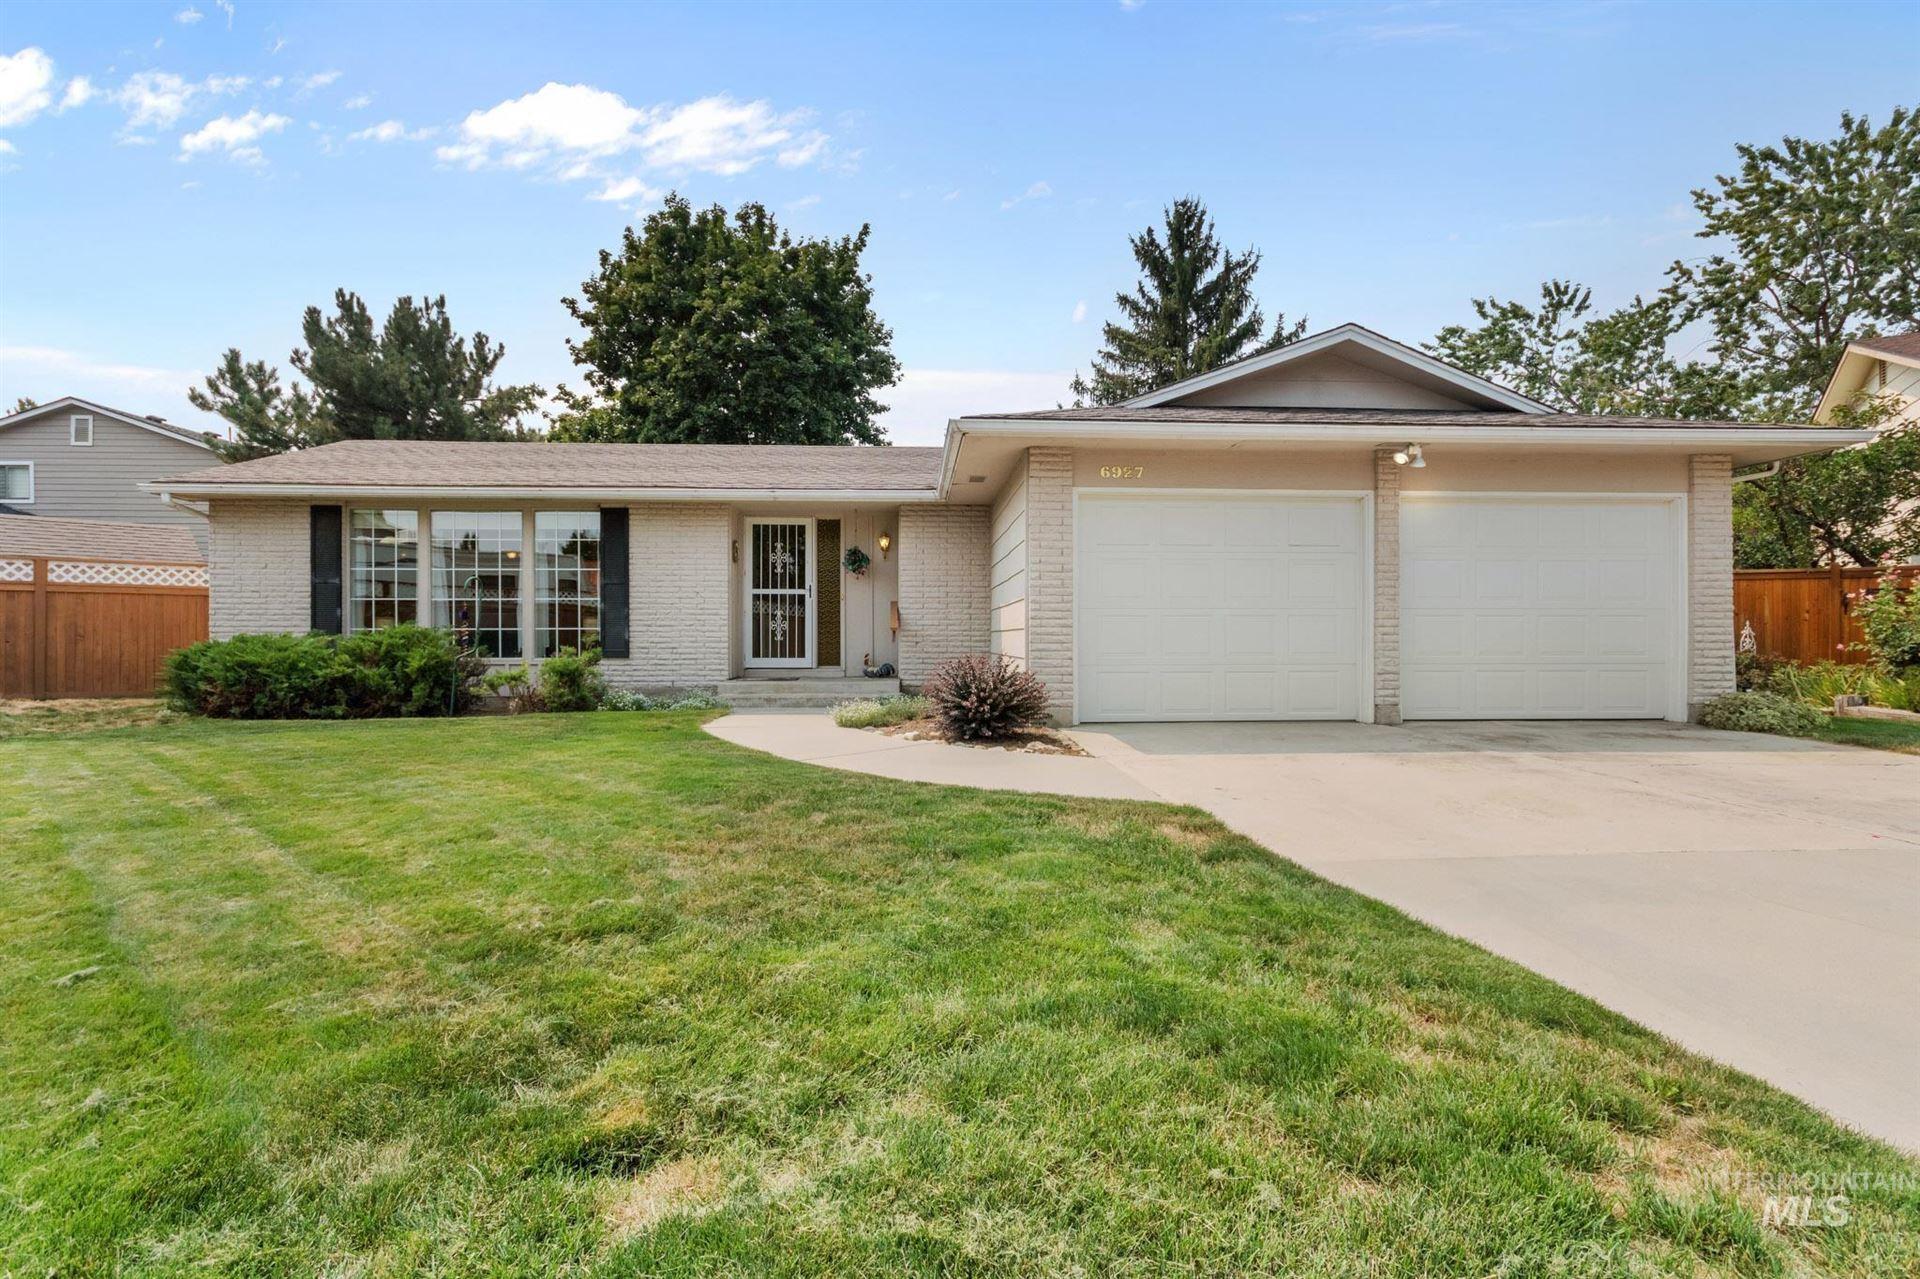 6927 W Kingsdale Dr., Boise, ID 83704-7346 - MLS#: 98816401